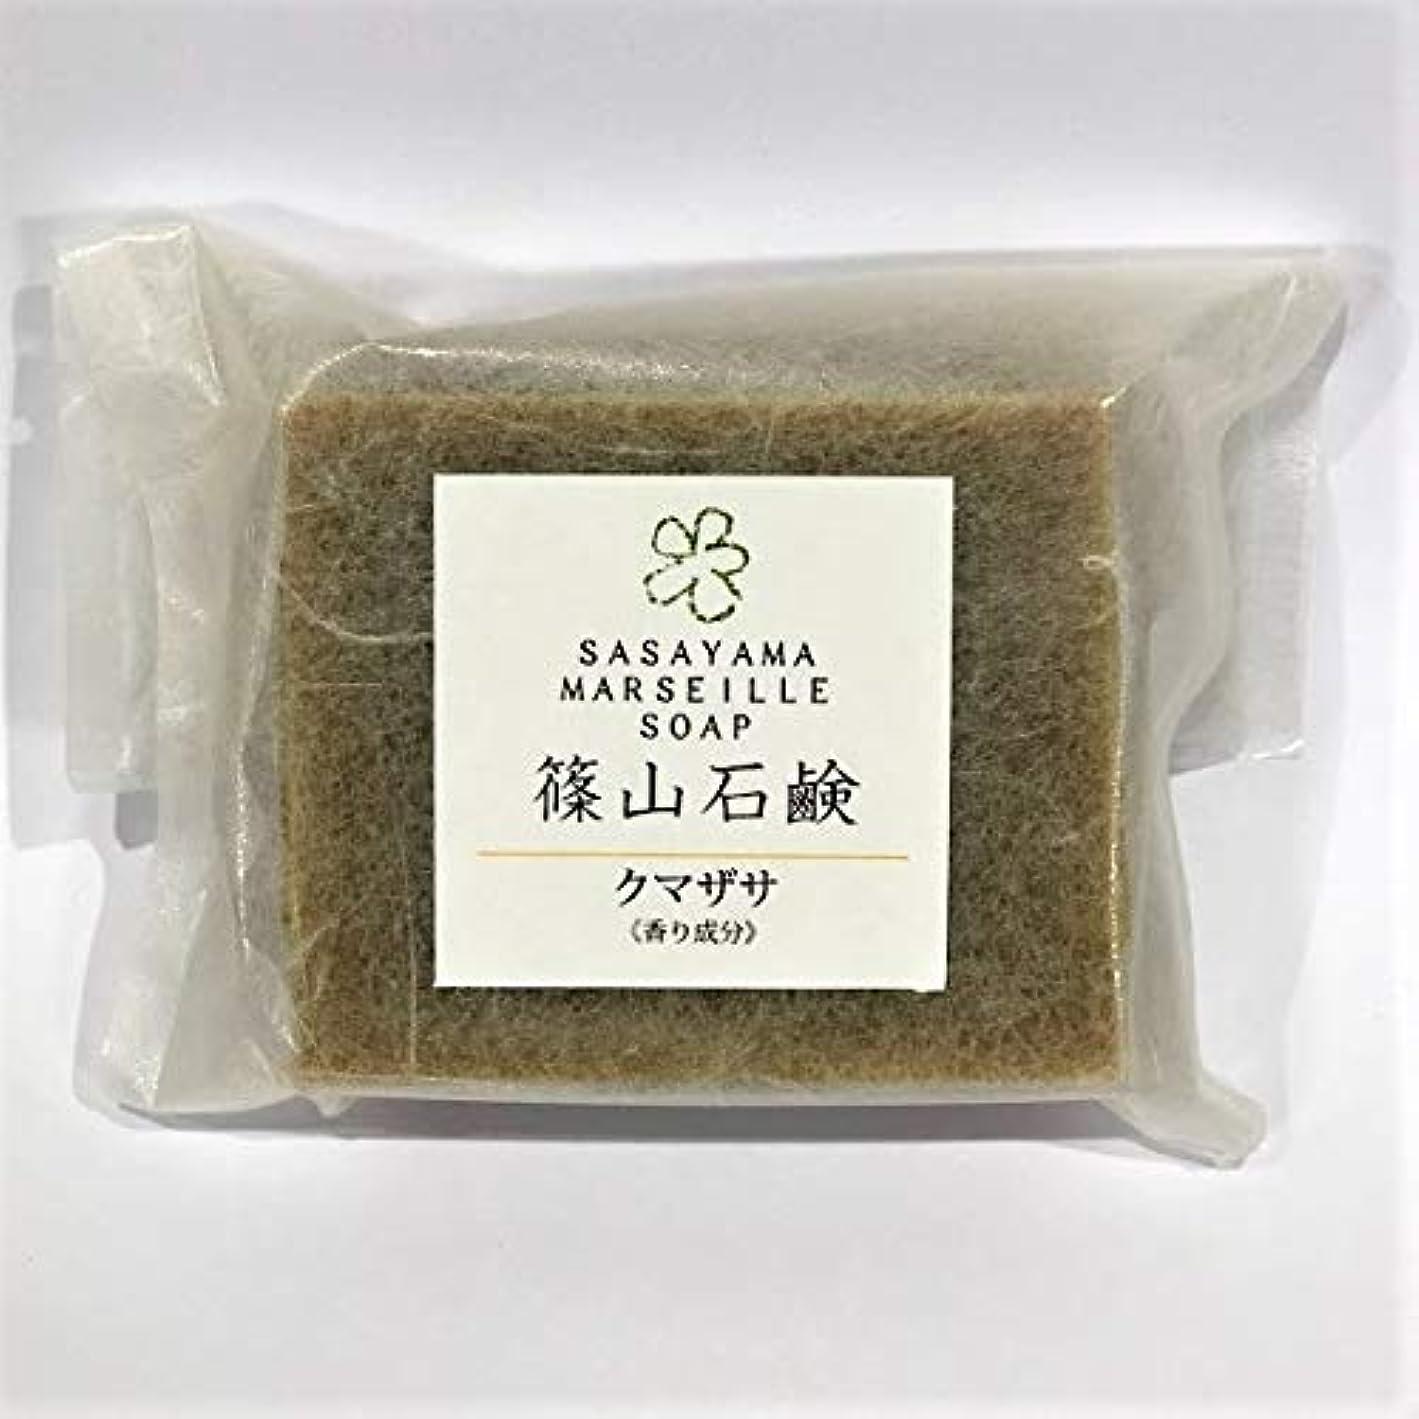 カップルキャスト前件篠山石鹸 クマザサ (1個)